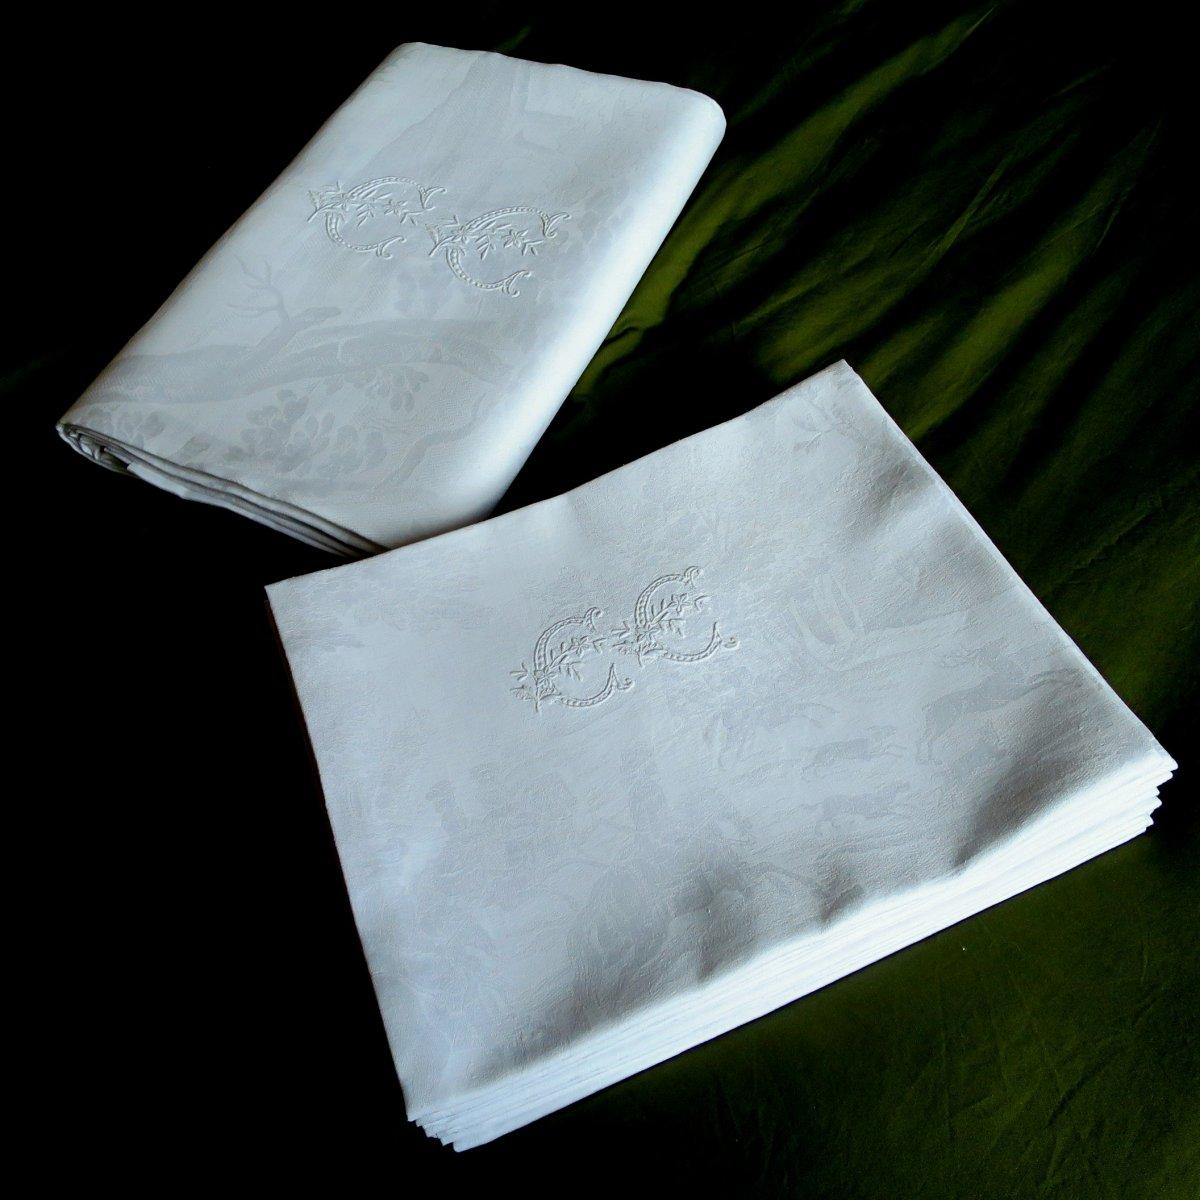 Nappe et serviettes de chasse à courre, fin XIX°, en lin damassé, monogrammées CC